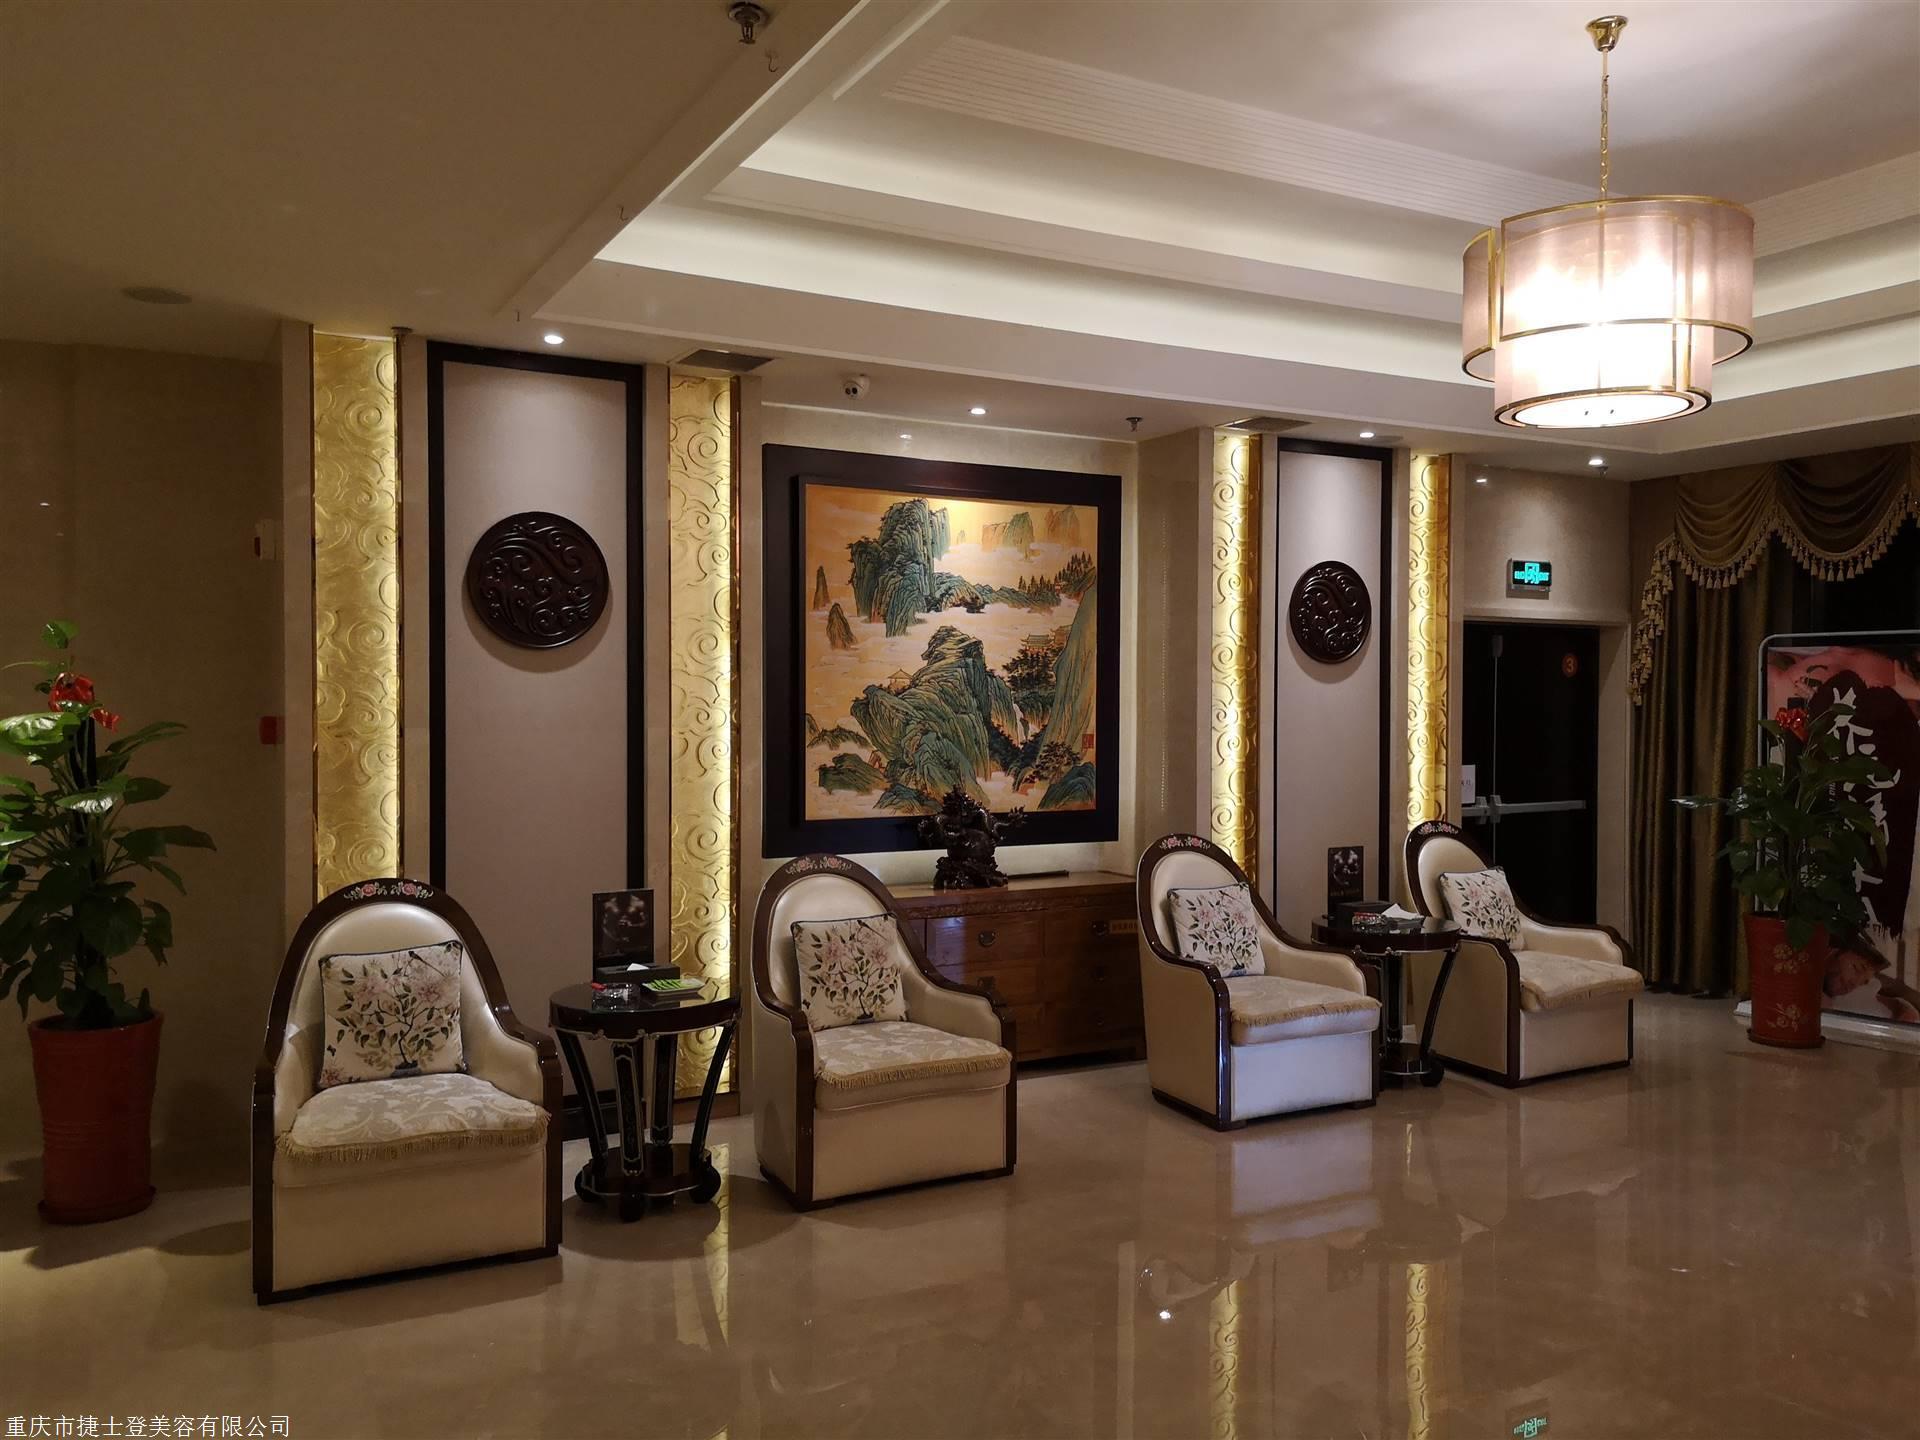 重庆渝北区男士水疗spa会所哪家好,服务细心又到位